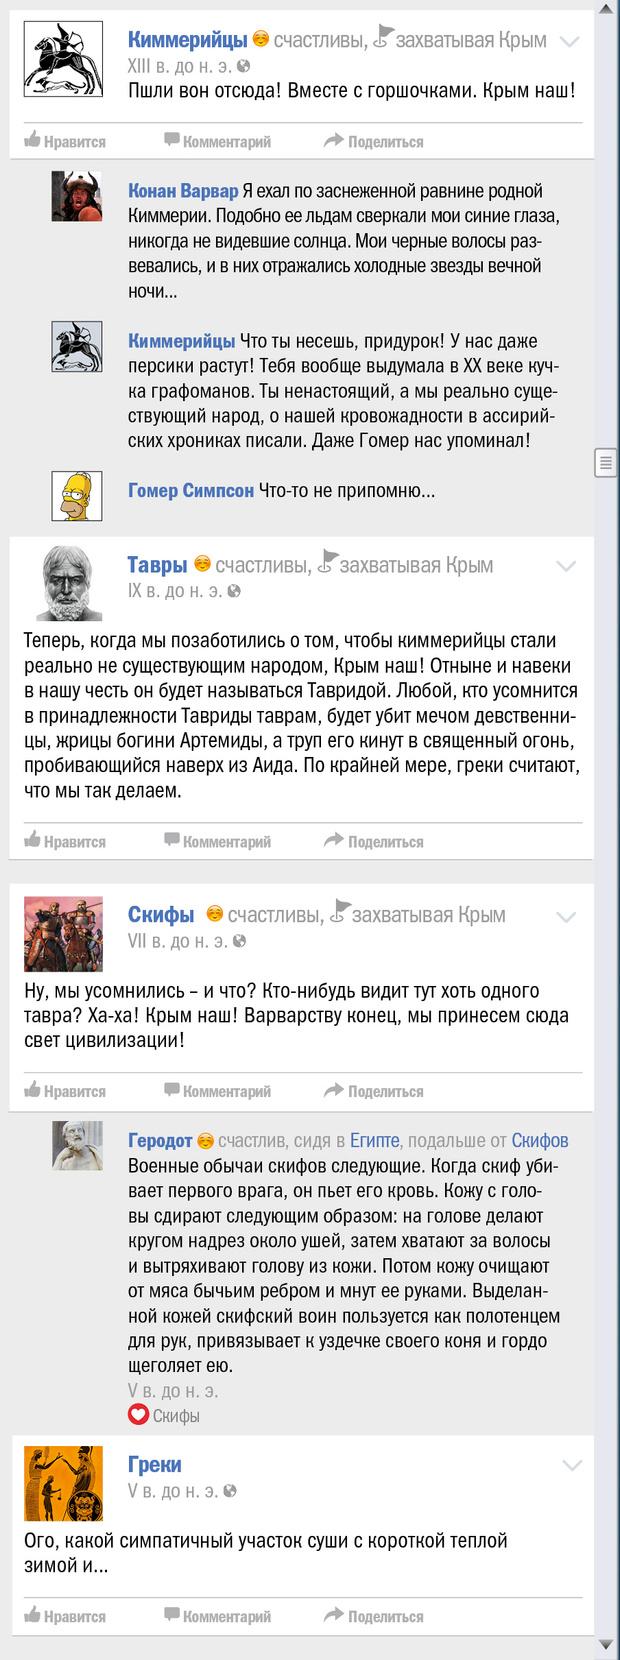 Фото №2 - Крым чей? Правдивая история Крыма в виде ленты «Фейсбука»